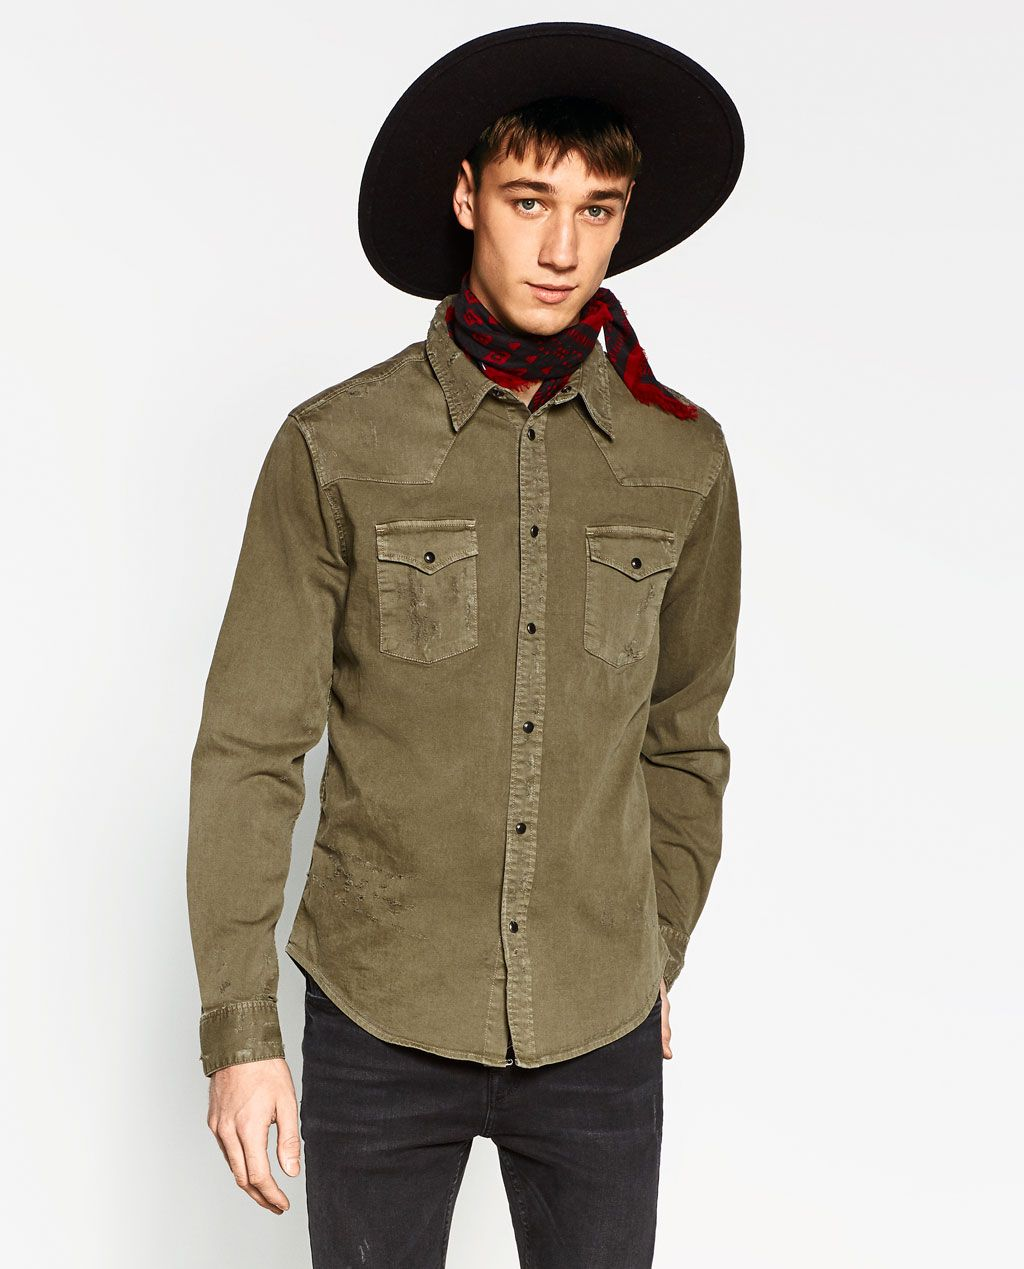 Image 4 of from Zara Zara, Bomber jacket, Military jacket